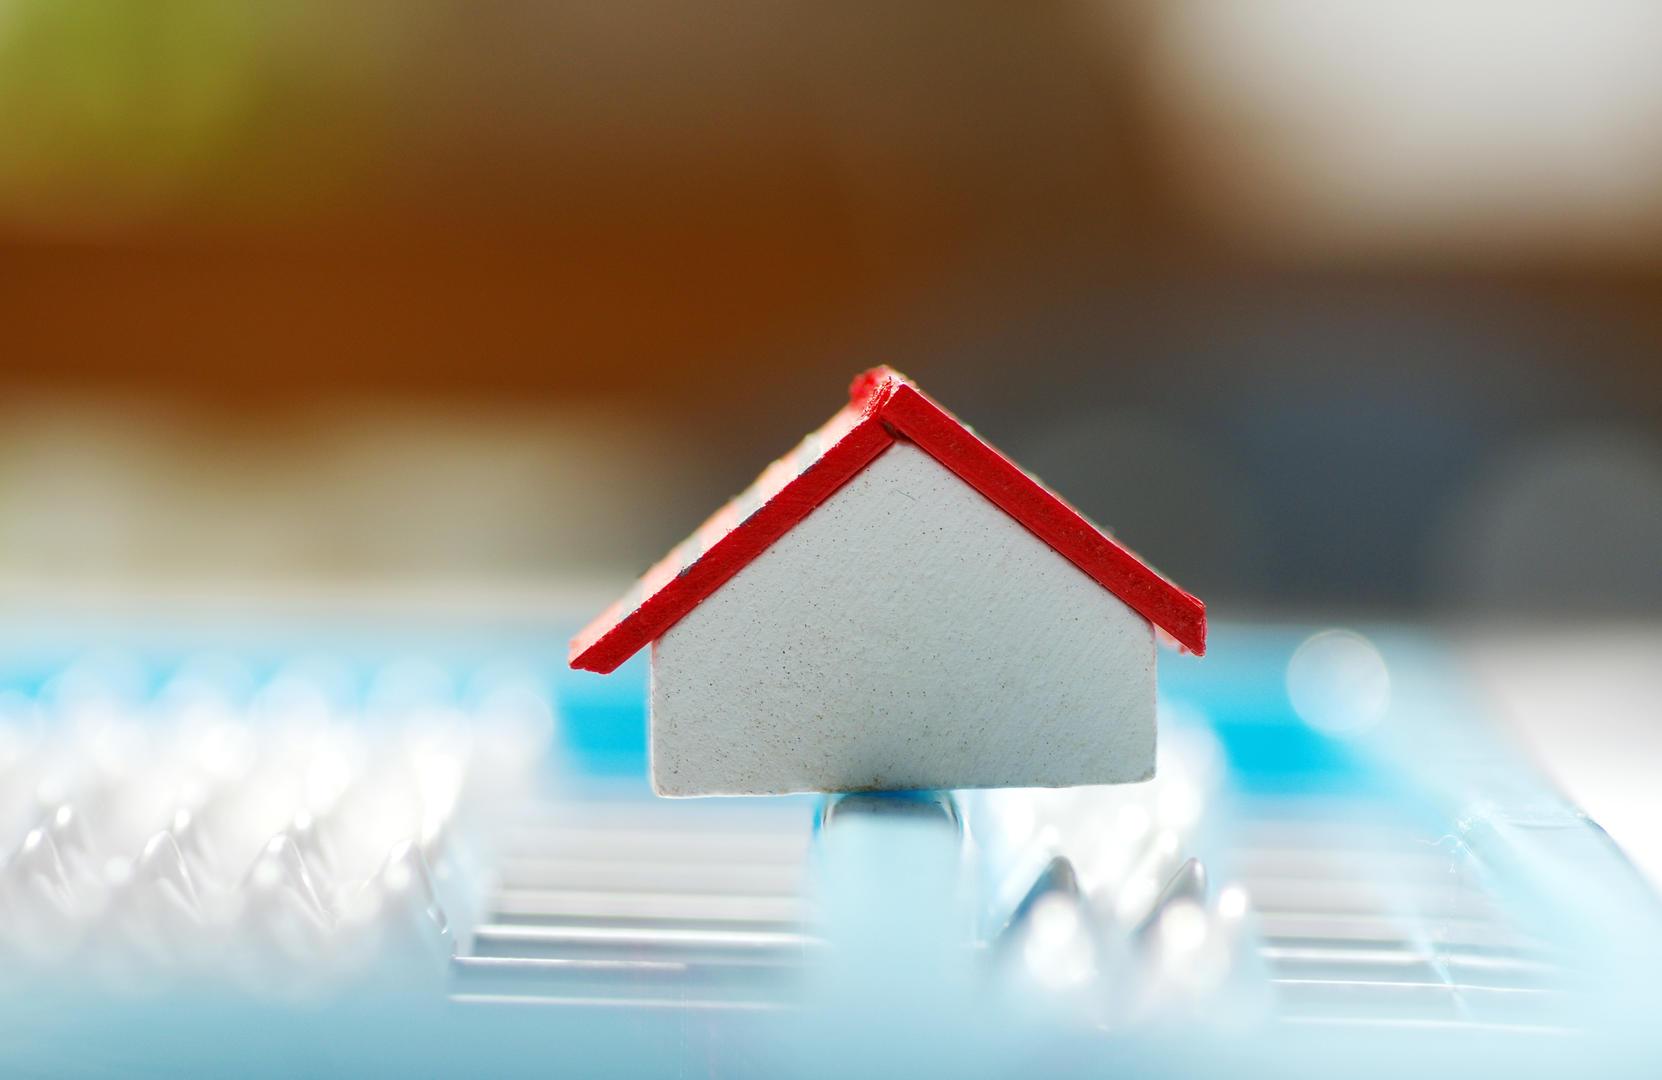 签了卖房合同收了2万定金 成都二手房主反悔拒卖被起诉